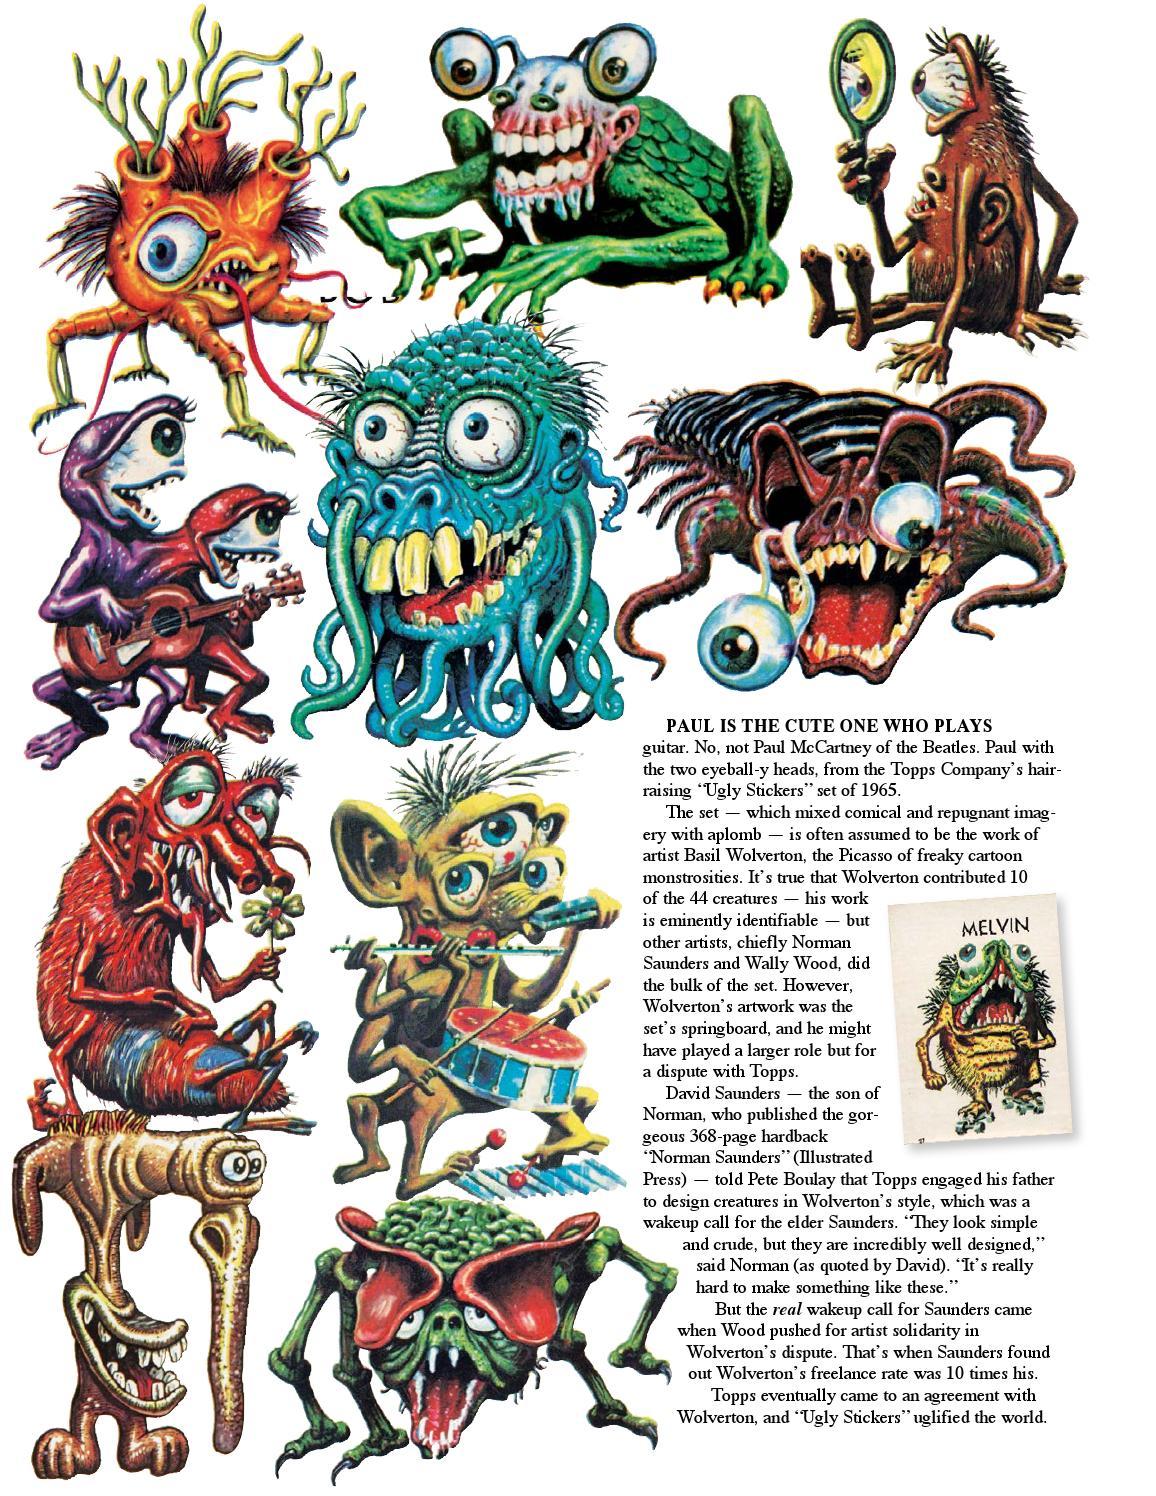 Monster Mash- The Creepy, Kooky Monster Craze In America